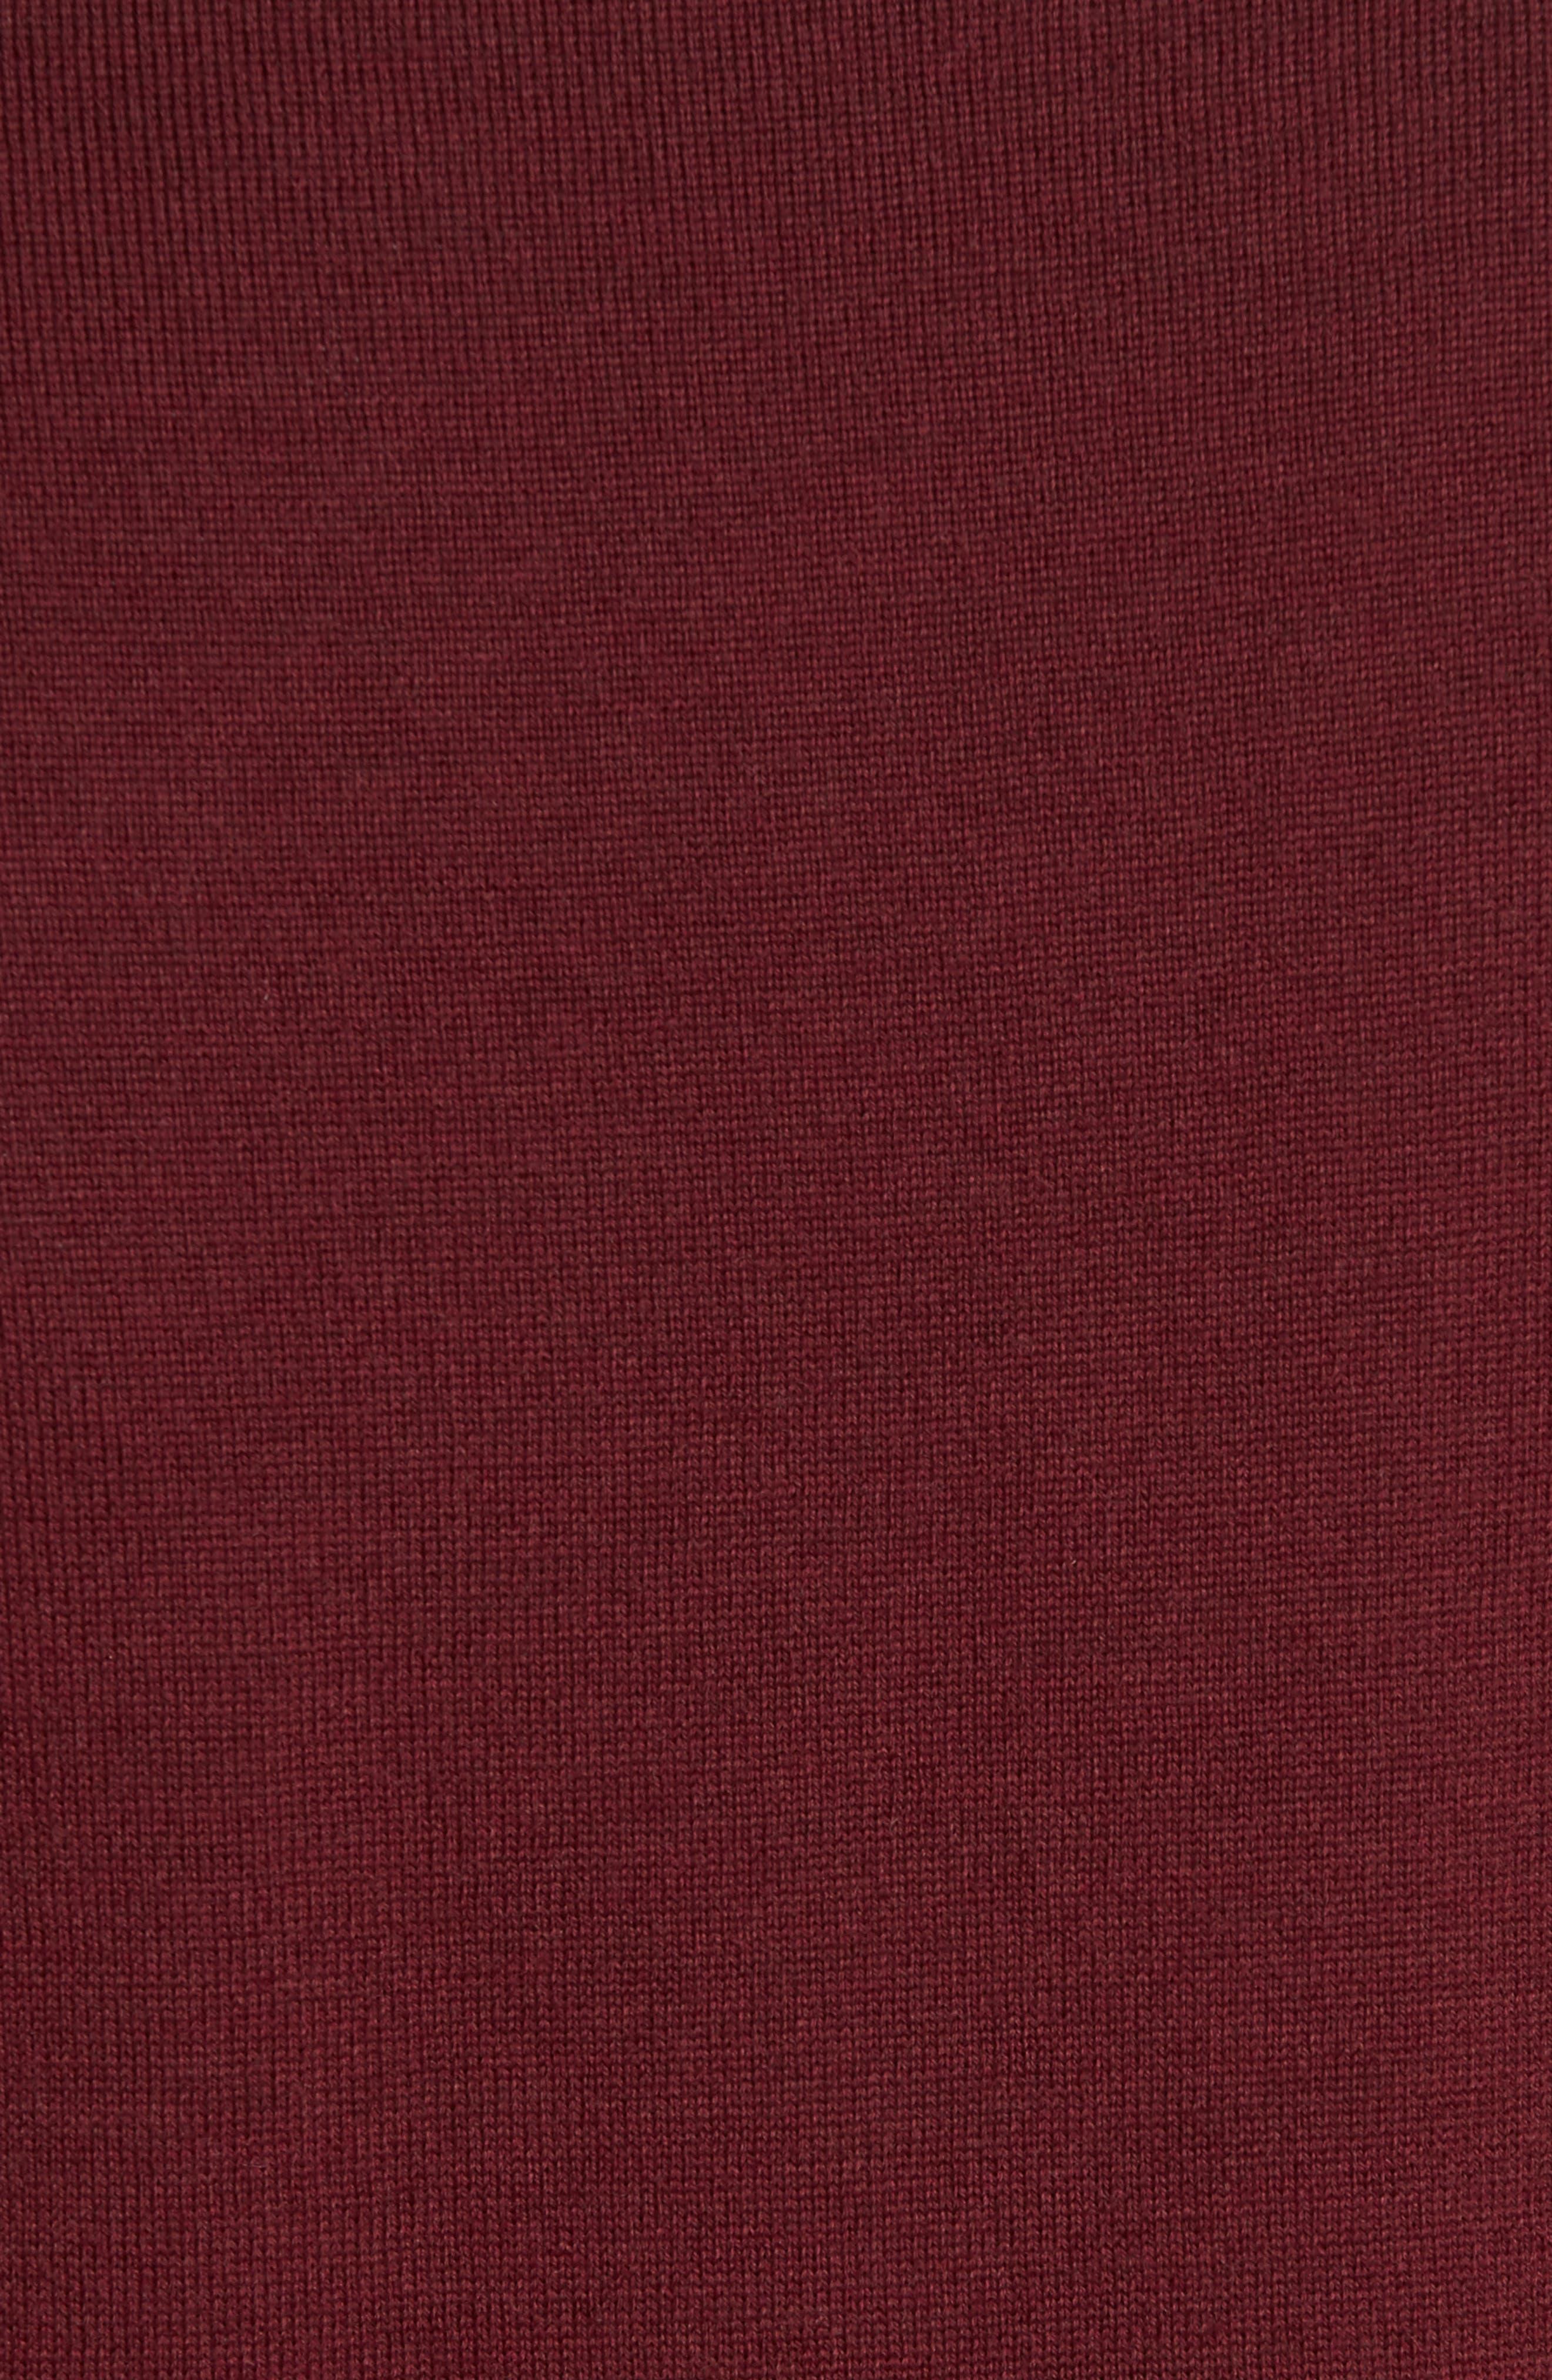 V-Neck Merino Wool Sweater,                             Alternate thumbnail 5, color,                             Burgundy Stem